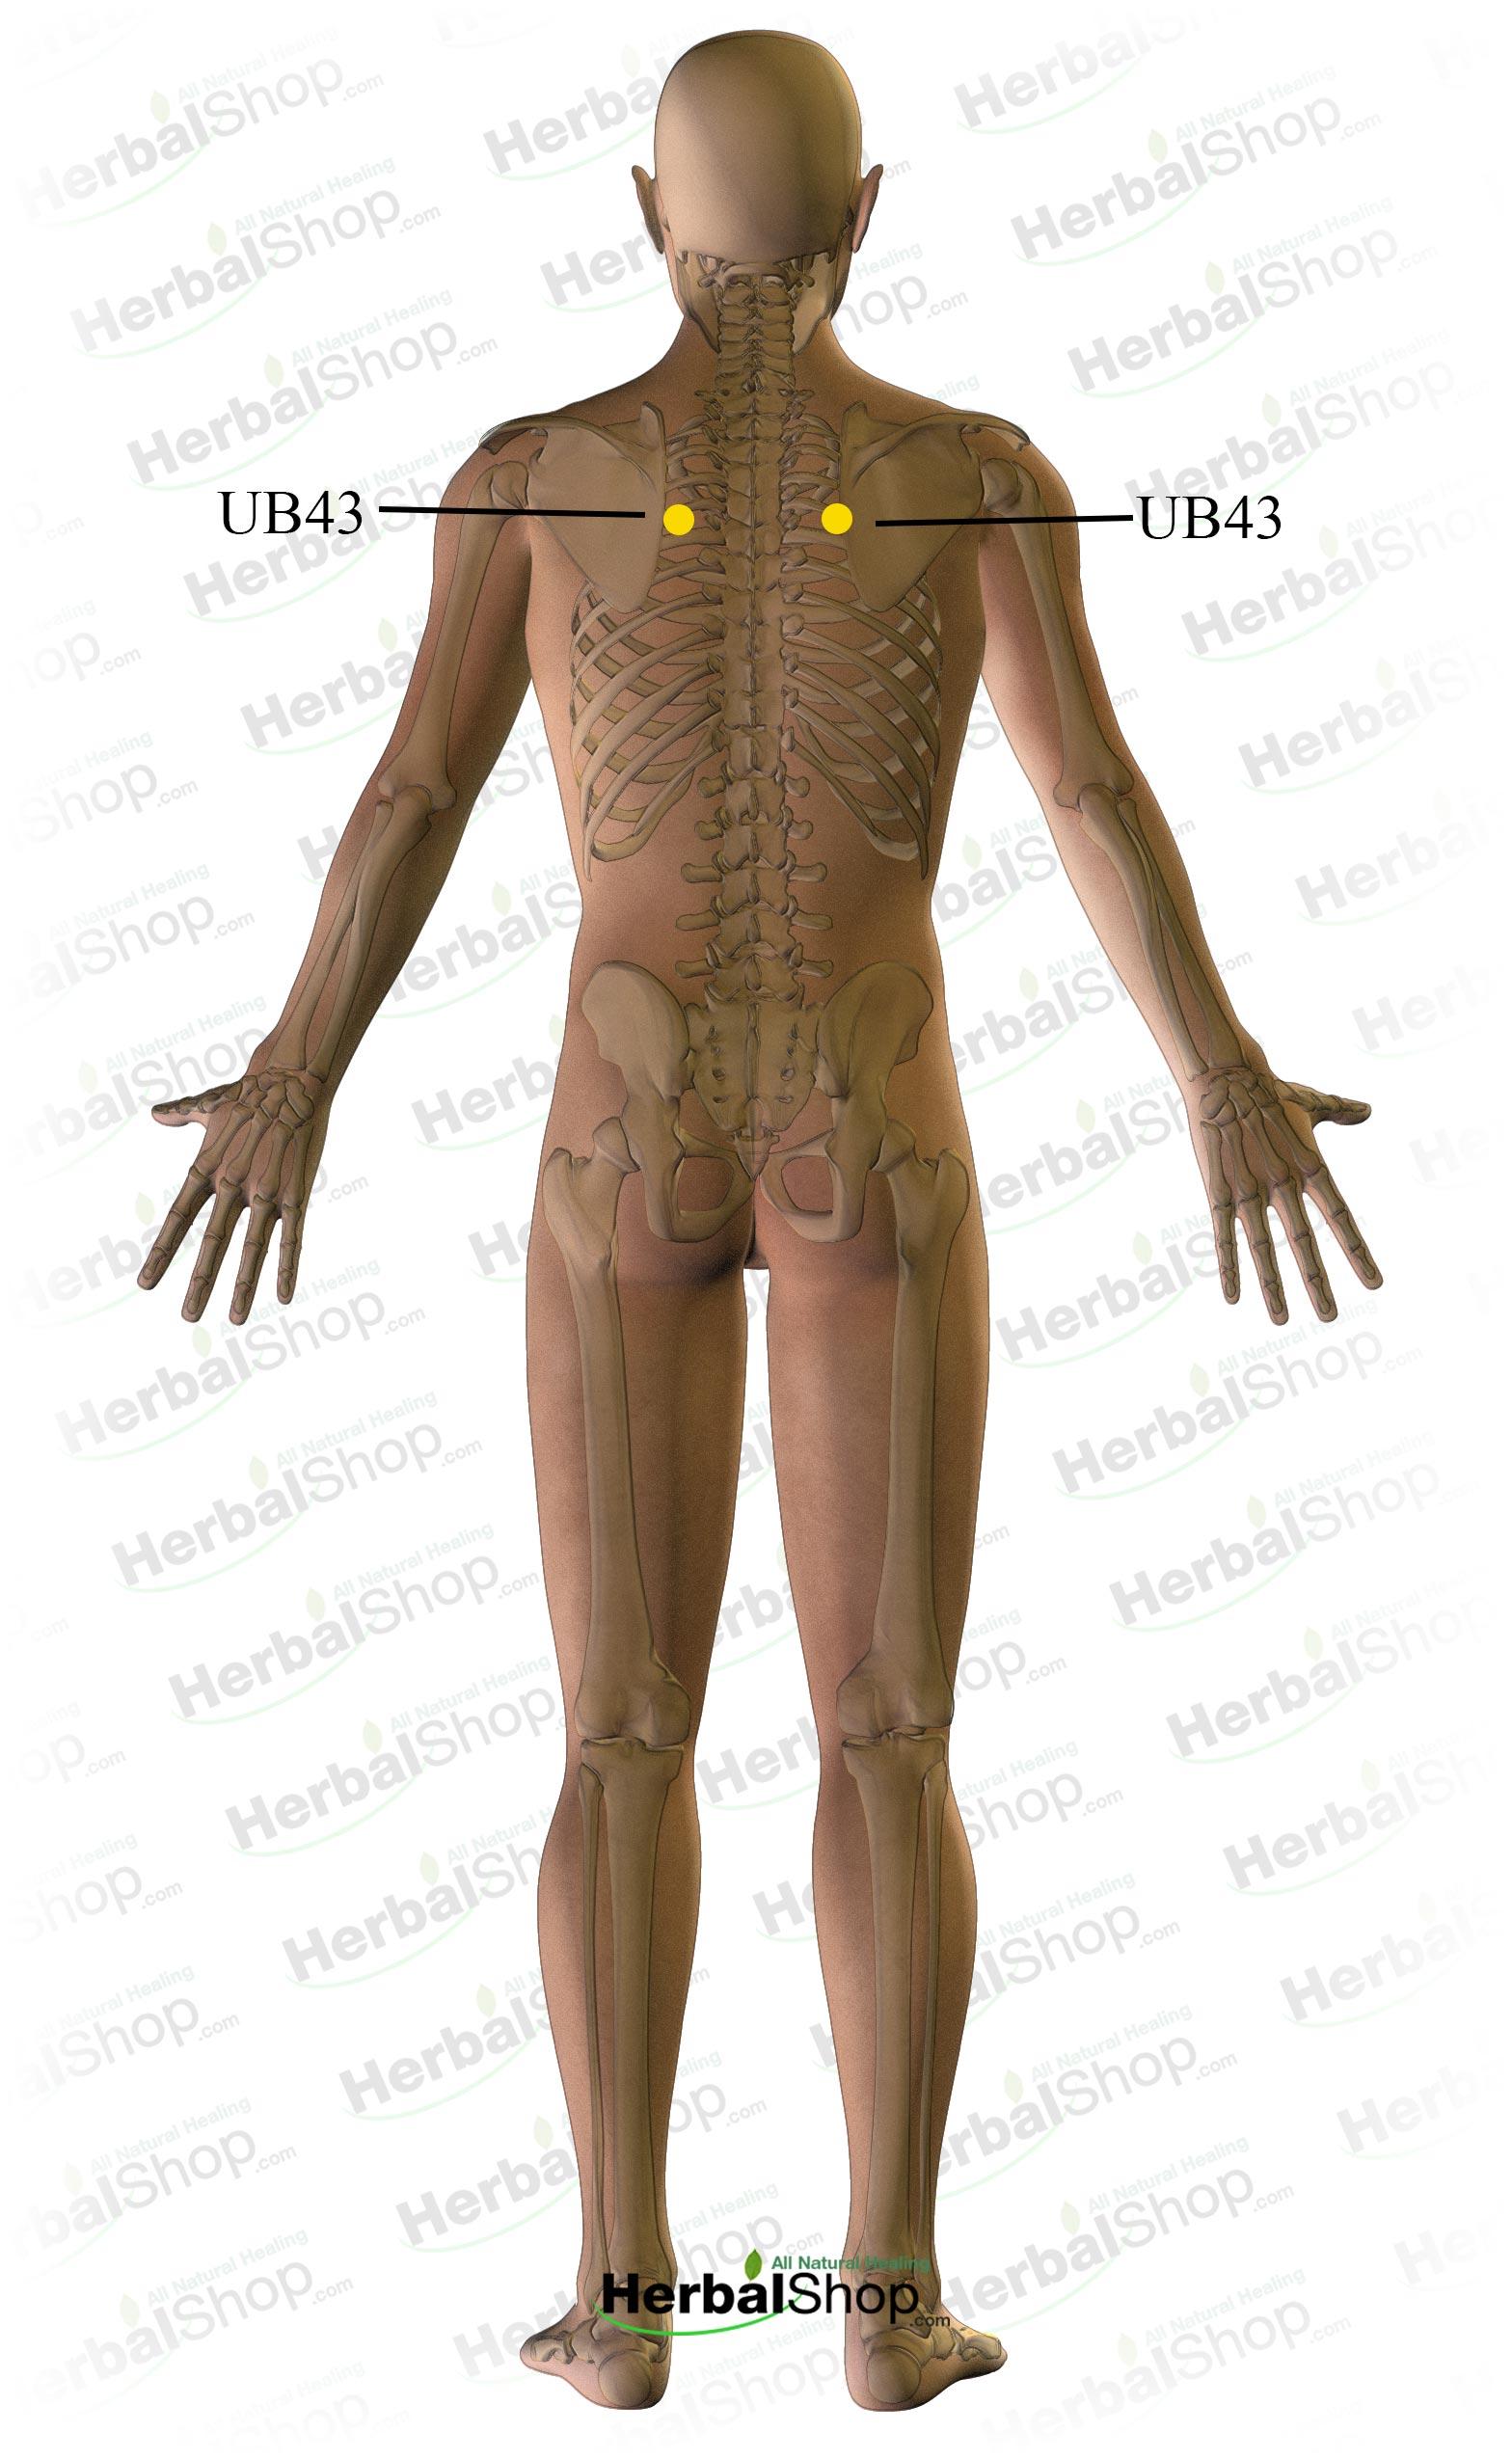 Immune Deficiency Disorders